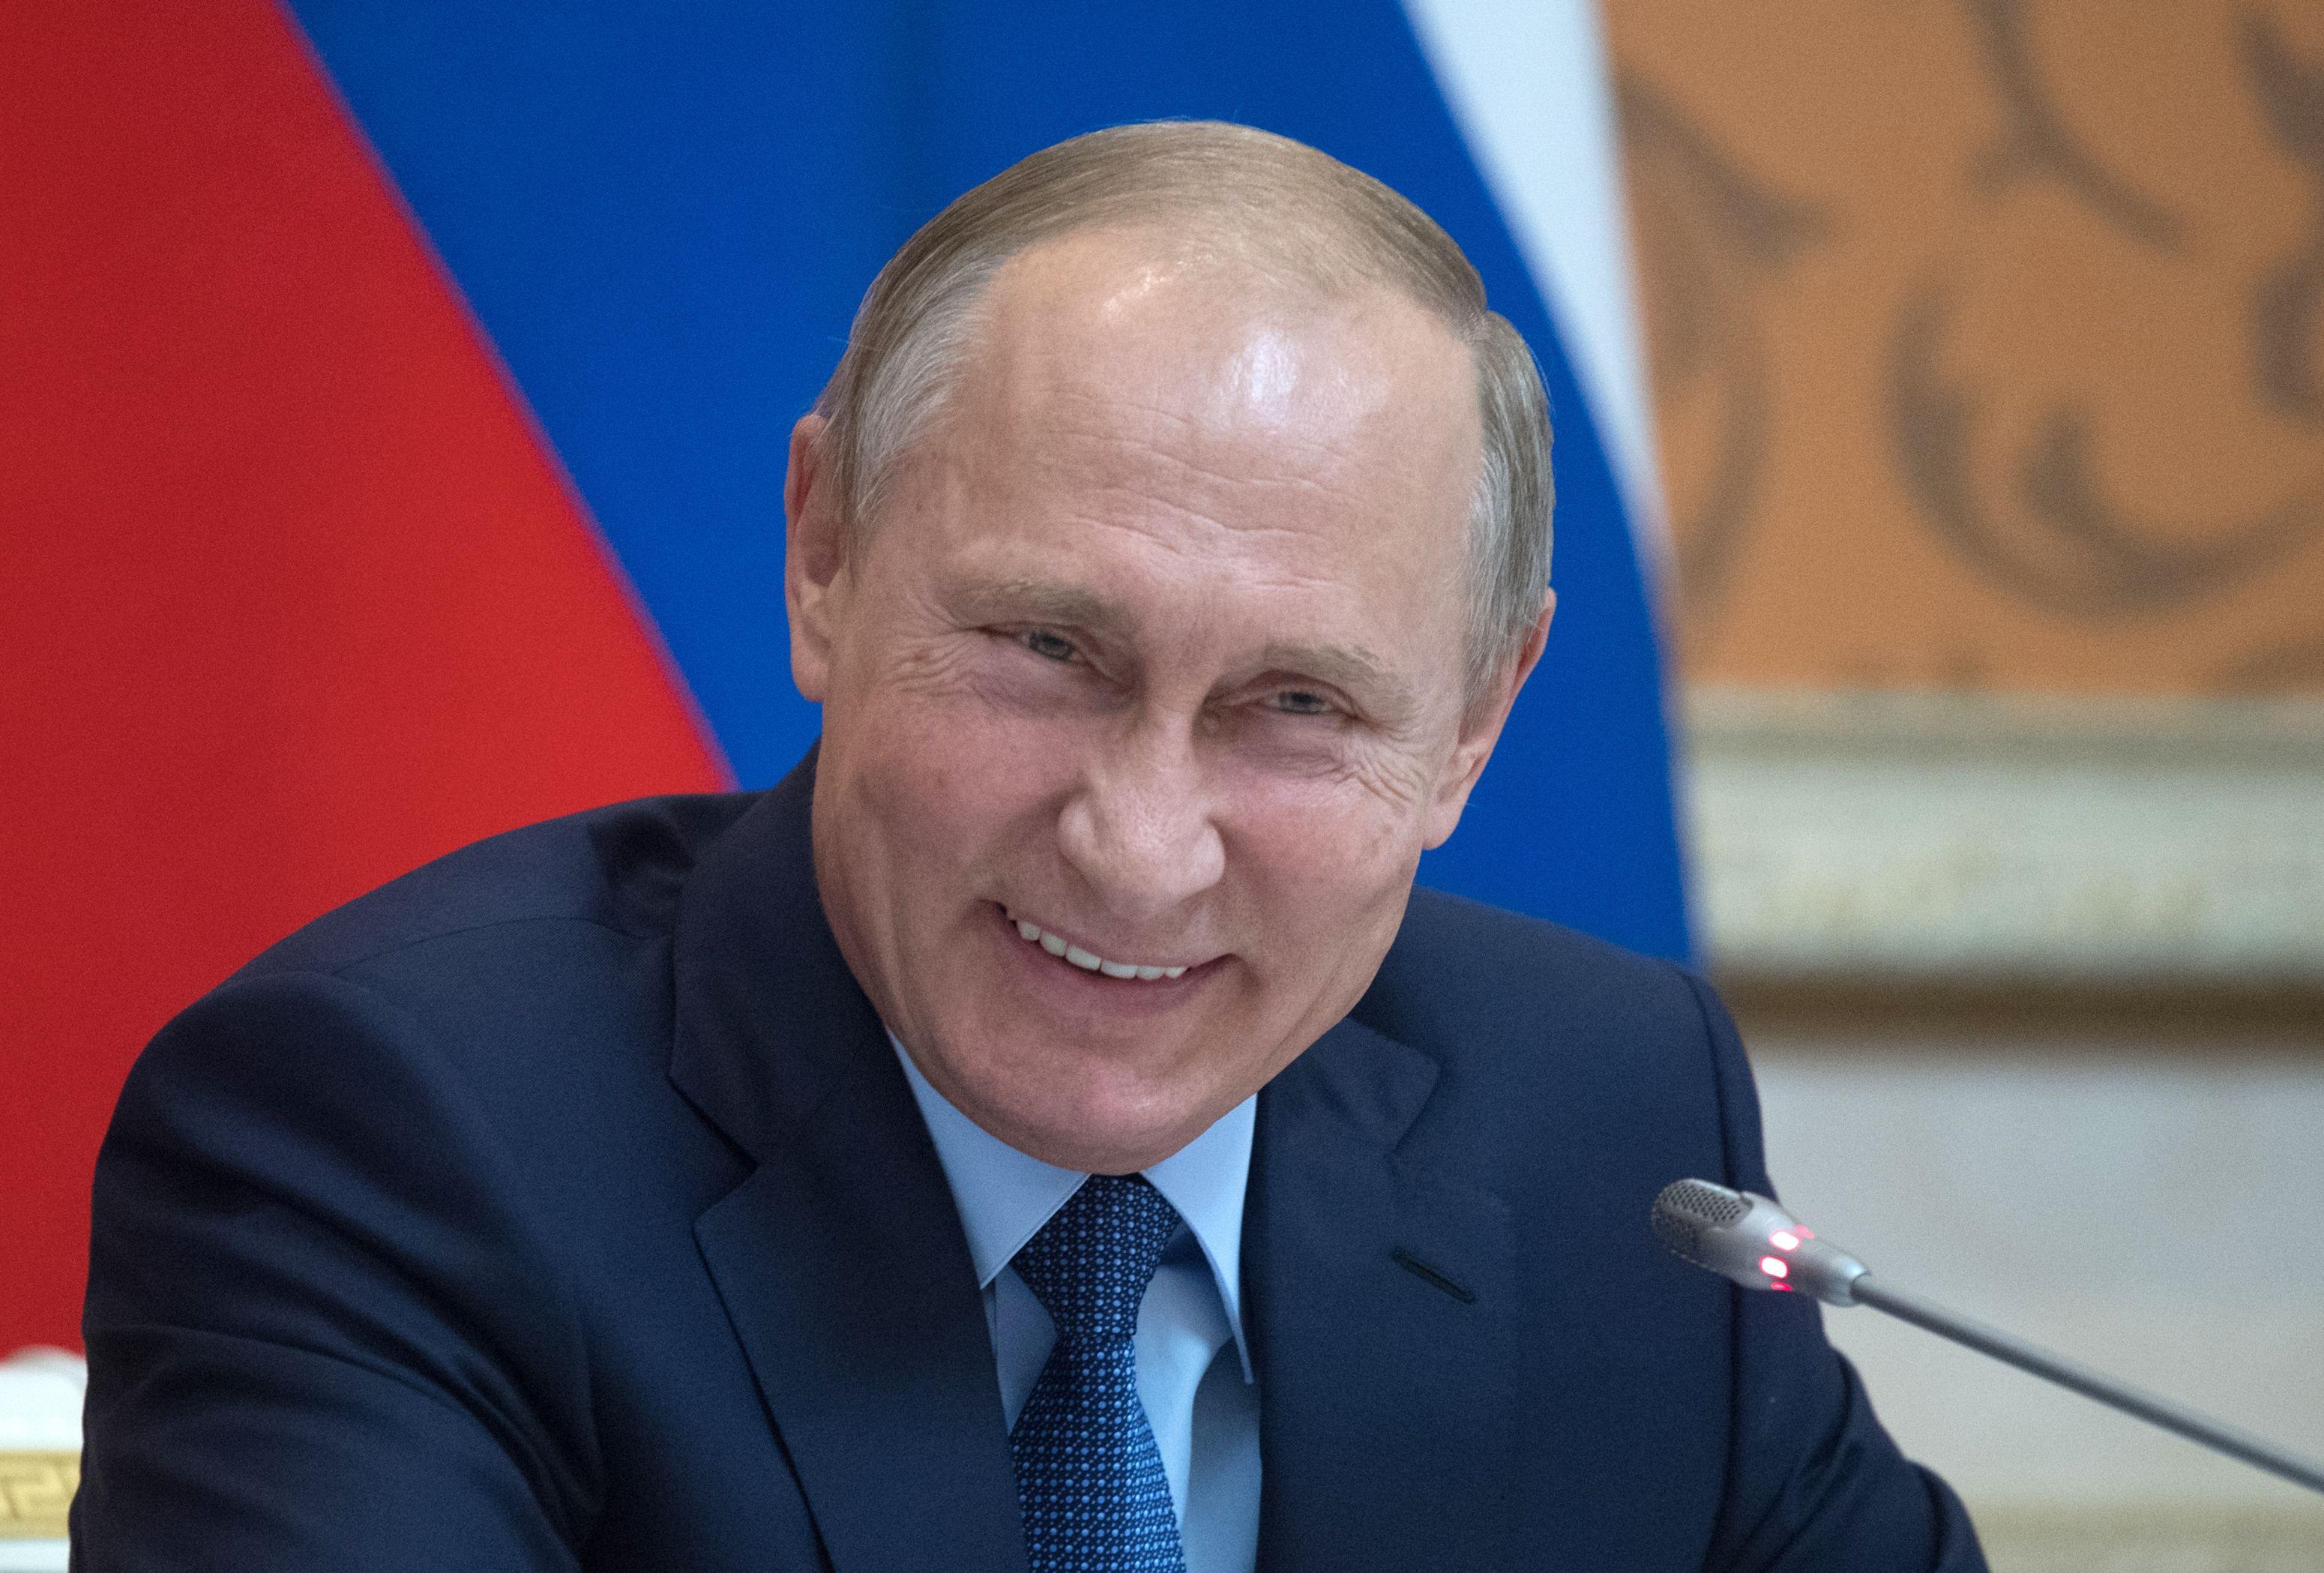 Kremlin: Vladimir Putin a decis în mod independent să nu răspundă sancţiunilor SUA din 2016, nu a fost influenţat de fostul consilier american Michael Flynn